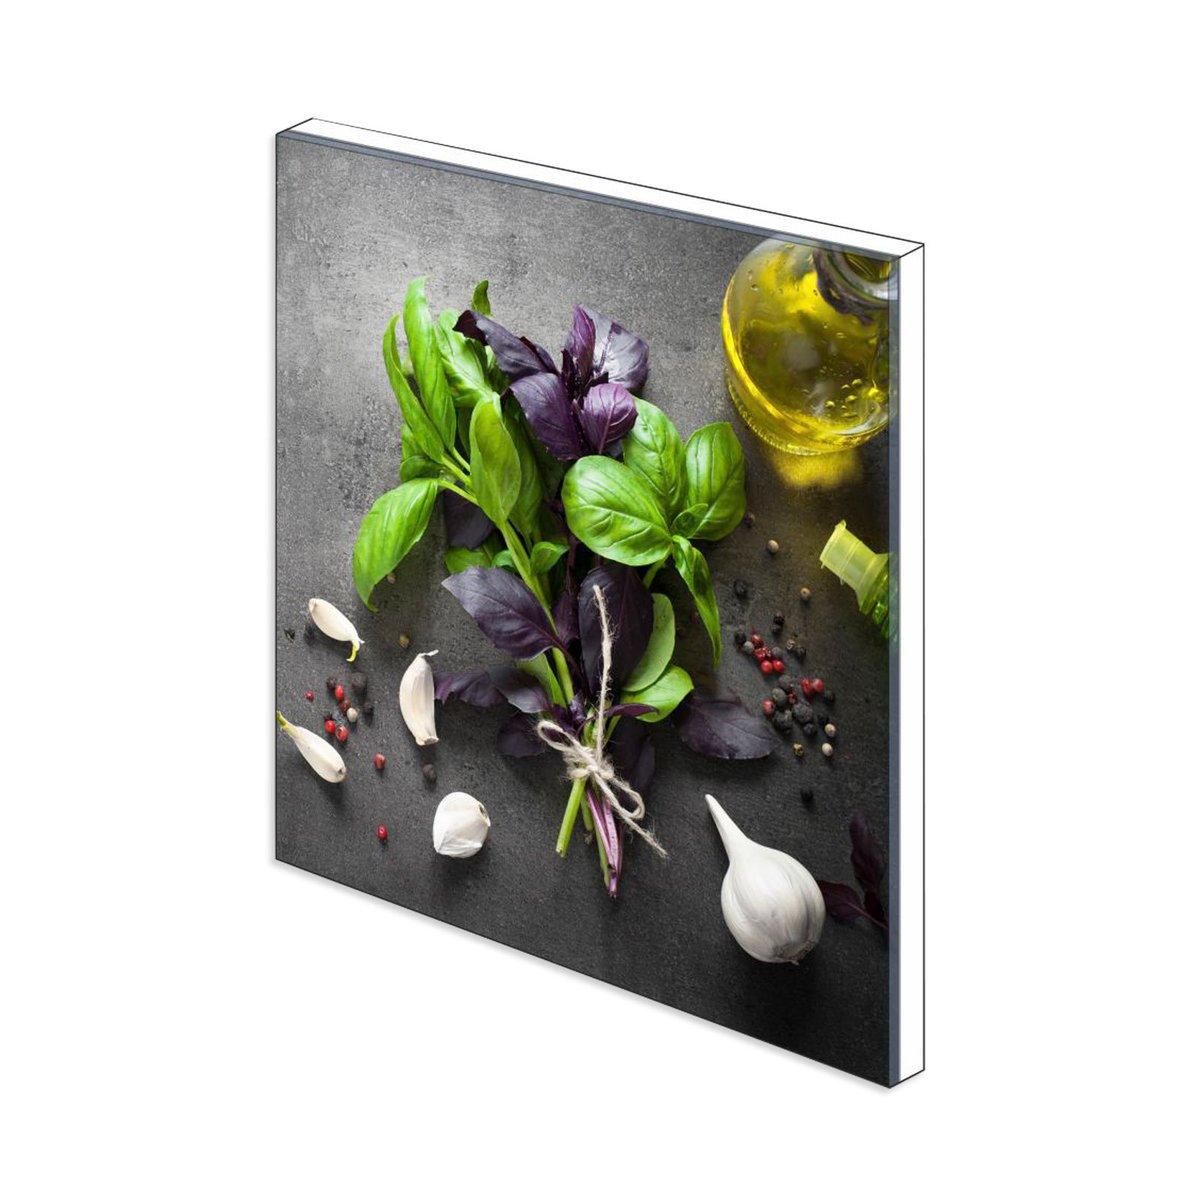 Bild 3 von Küchenrückwand aus Glas - KNOBLAUCH - 60x65 cm